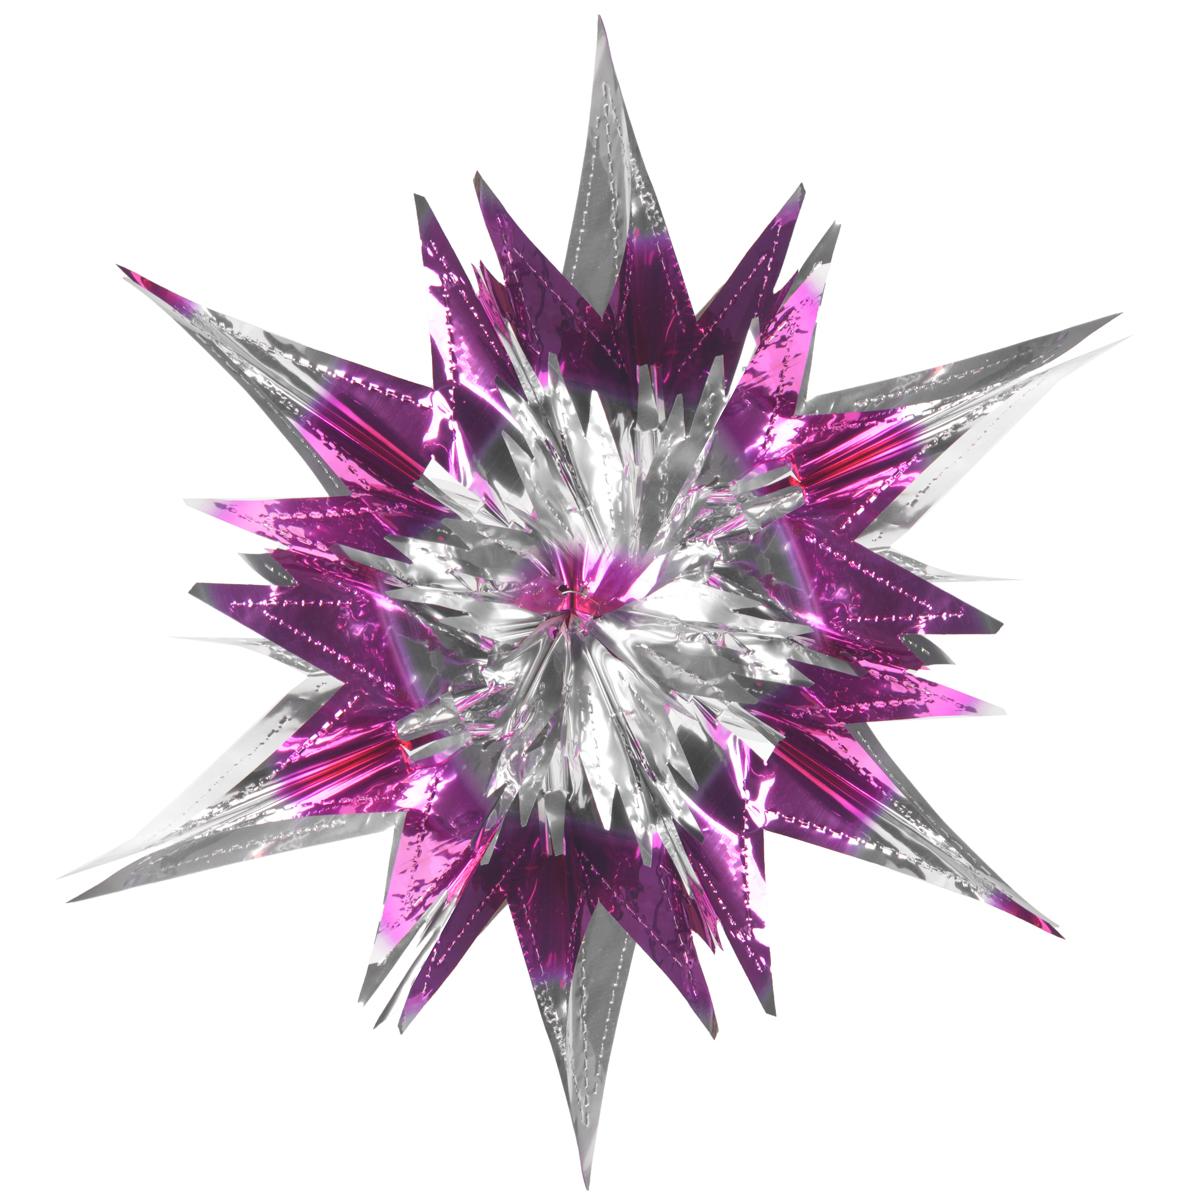 Новогоднее подвесное украшение Звезда, цвет: серебристый, сиреневый. 2700927009Новогоднее украшение Звезда отлично подойдет для декорации вашего дома и новогодней ели. Украшение выполнено из ПВХ в форме многогранной многоцветной звезды. С помощью специальной петельки звезду можно повесить в любом понравившемся вам месте. Украшение легко складывается и раскладывается благодаря металлическим кольцам. Новогодние украшения несут в себе волшебство и красоту праздника. Они помогут вам украсить дом к предстоящим праздникам и оживить интерьер по вашему вкусу. Создайте в доме атмосферу тепла, веселья и радости, украшая его всей семьей. Коллекция декоративных украшений из серии Magic Time принесет в ваш дом ни с чем не сравнимое ощущение волшебства!Размер украшения (в сложенном виде): 25 см х 21,5 см.